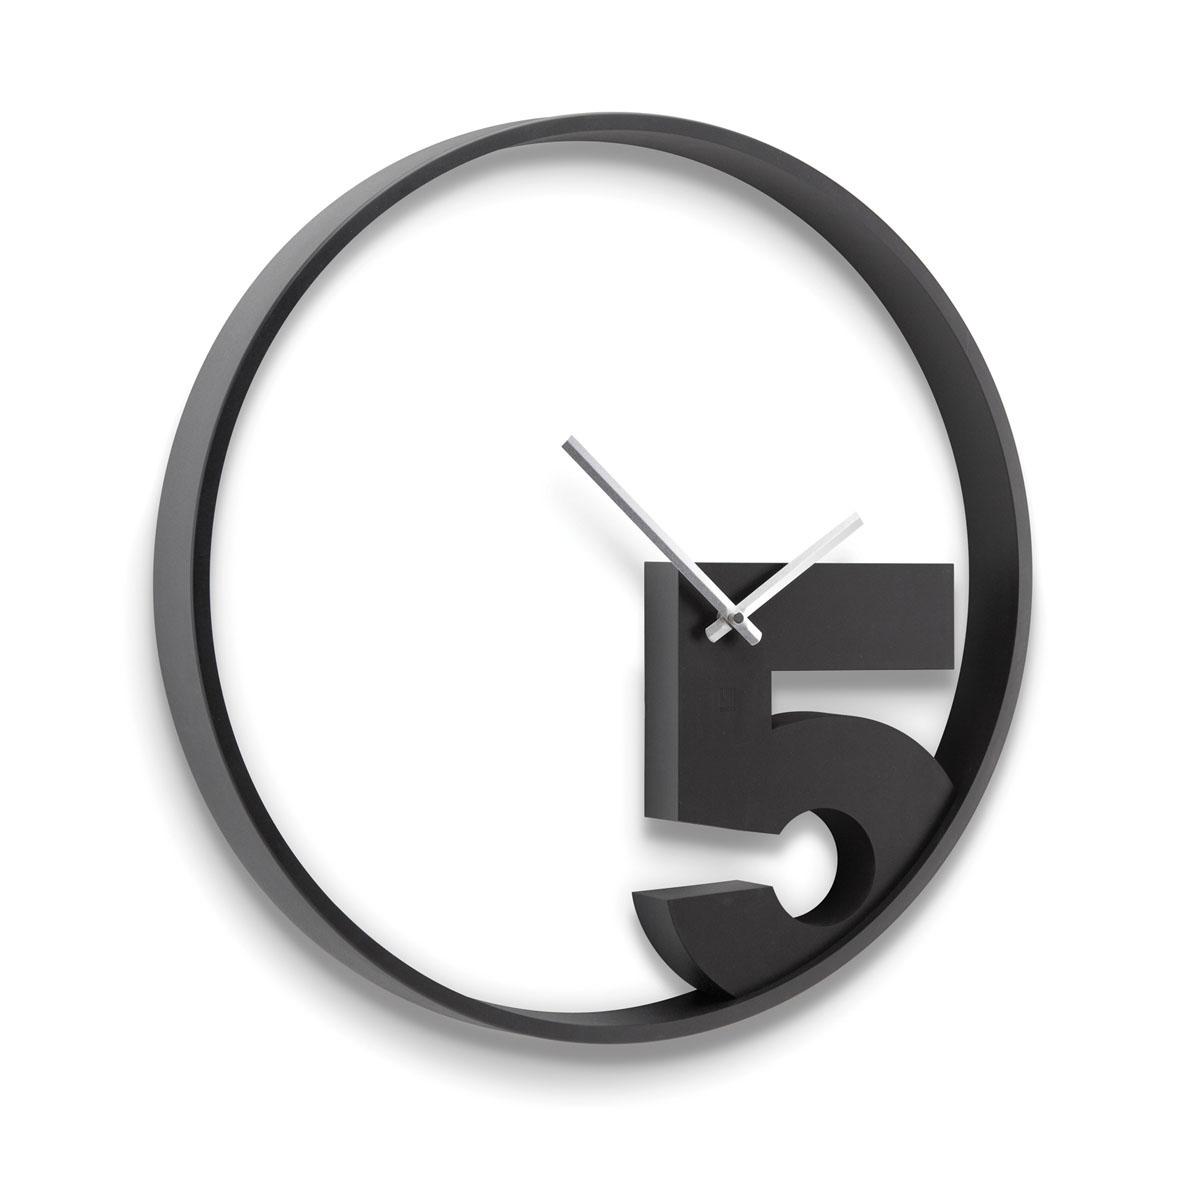 Часы настенные Umbra Take 5118998-040Часы настенные Umbra Take 5 выполнены изполистрола. Для многих людей самым лучшим временем суток являются 5 часов, ведь именно в это время у большинства заканчивается рабочее время. Эти часы можно повесить на рабочем месте, они будут вызывать улыбку каждый раз, когда человек будет смотреть на них. Размер: 52 х 3,2 х 4 см